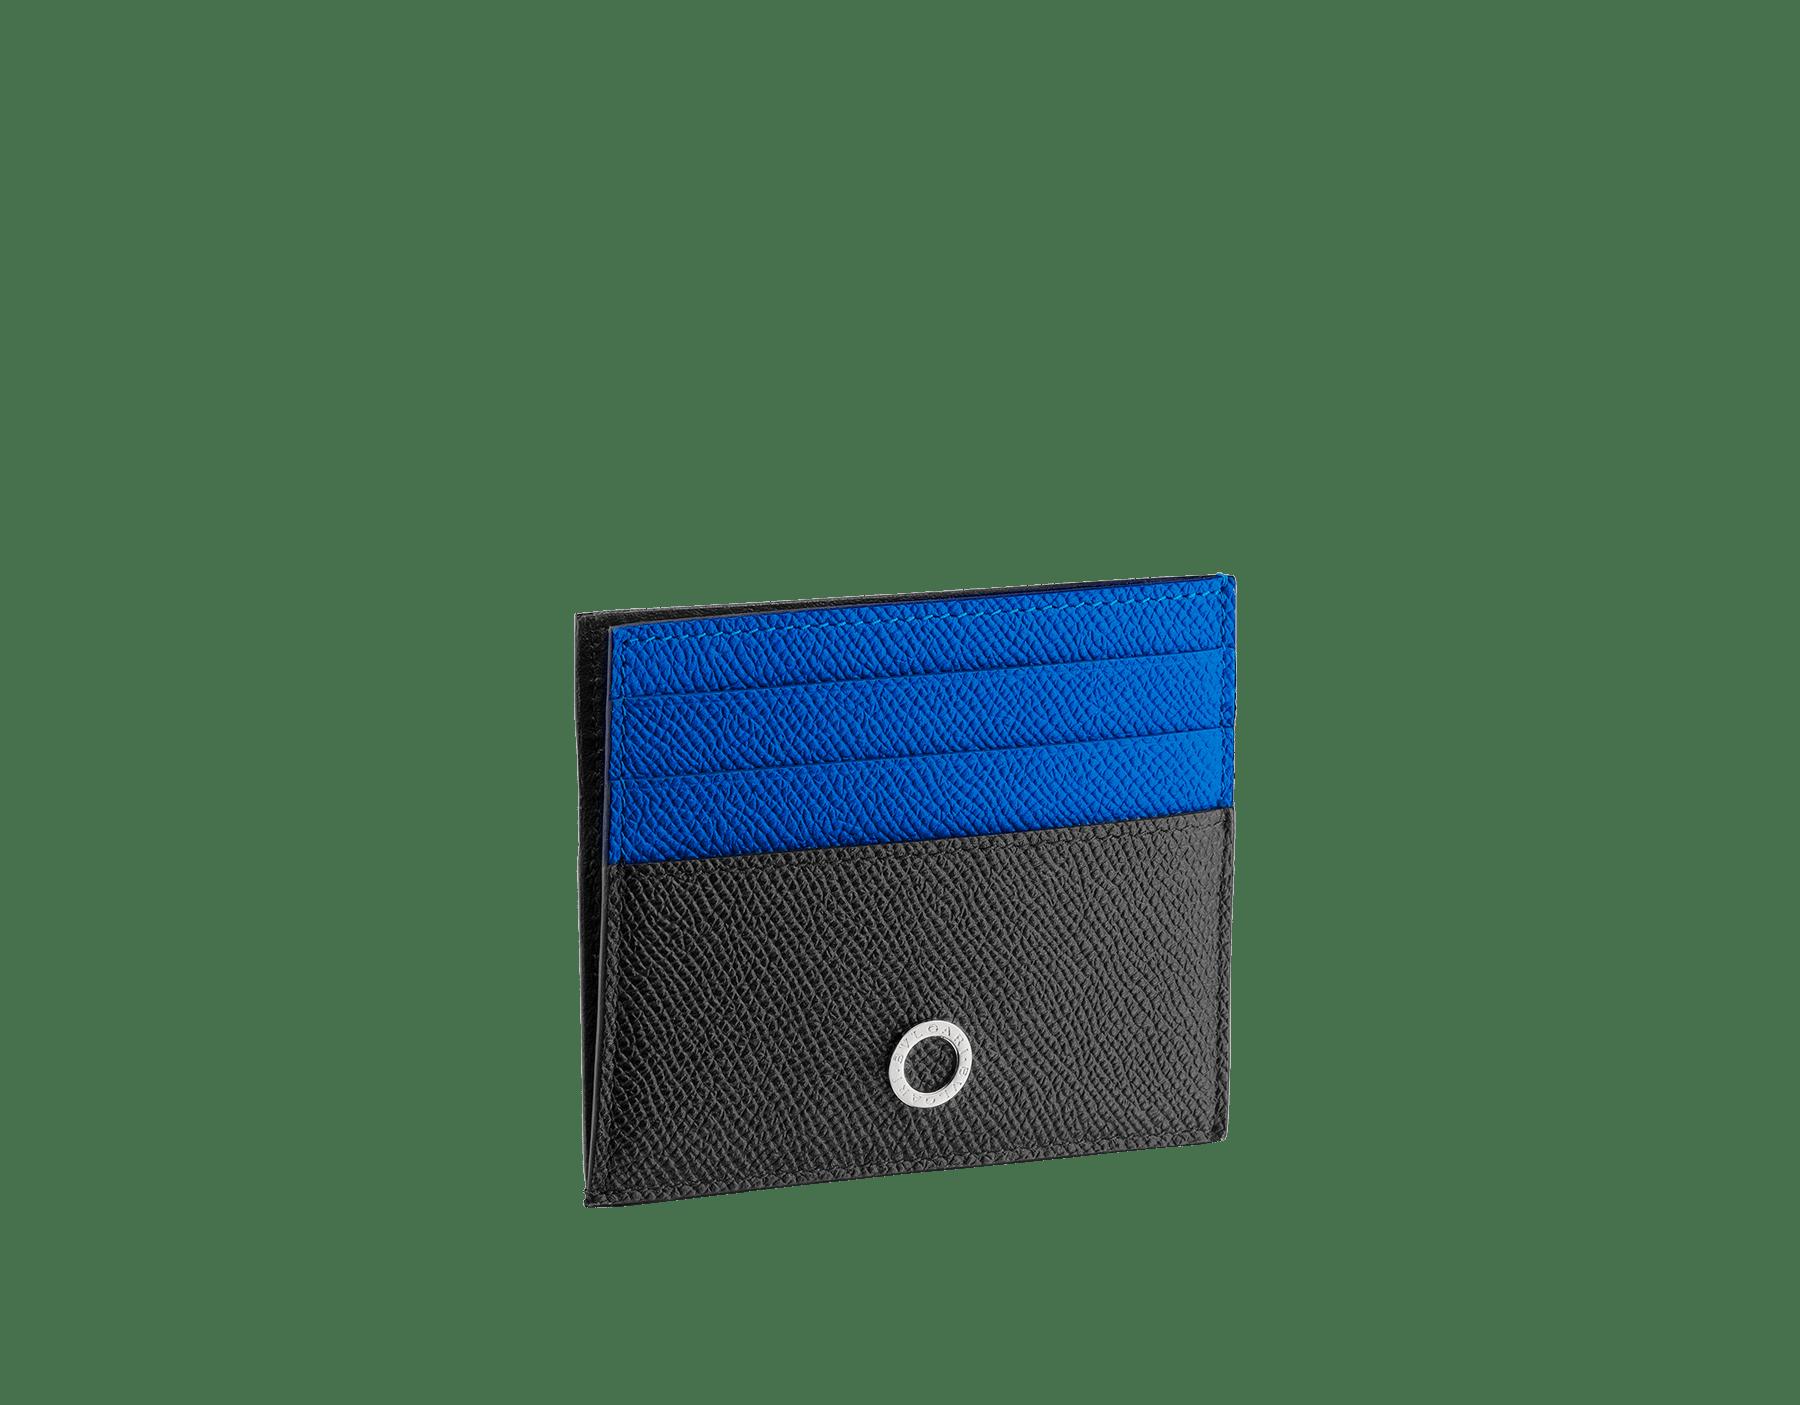 Porta-cartão de crédito aberto BVLGARIBVLGARI em couro de novilho granulado preto e turmalina-cobalto com forro em napa preta. Icônica decoração de logotipo em metal banhado a paládio. 288308 image 2